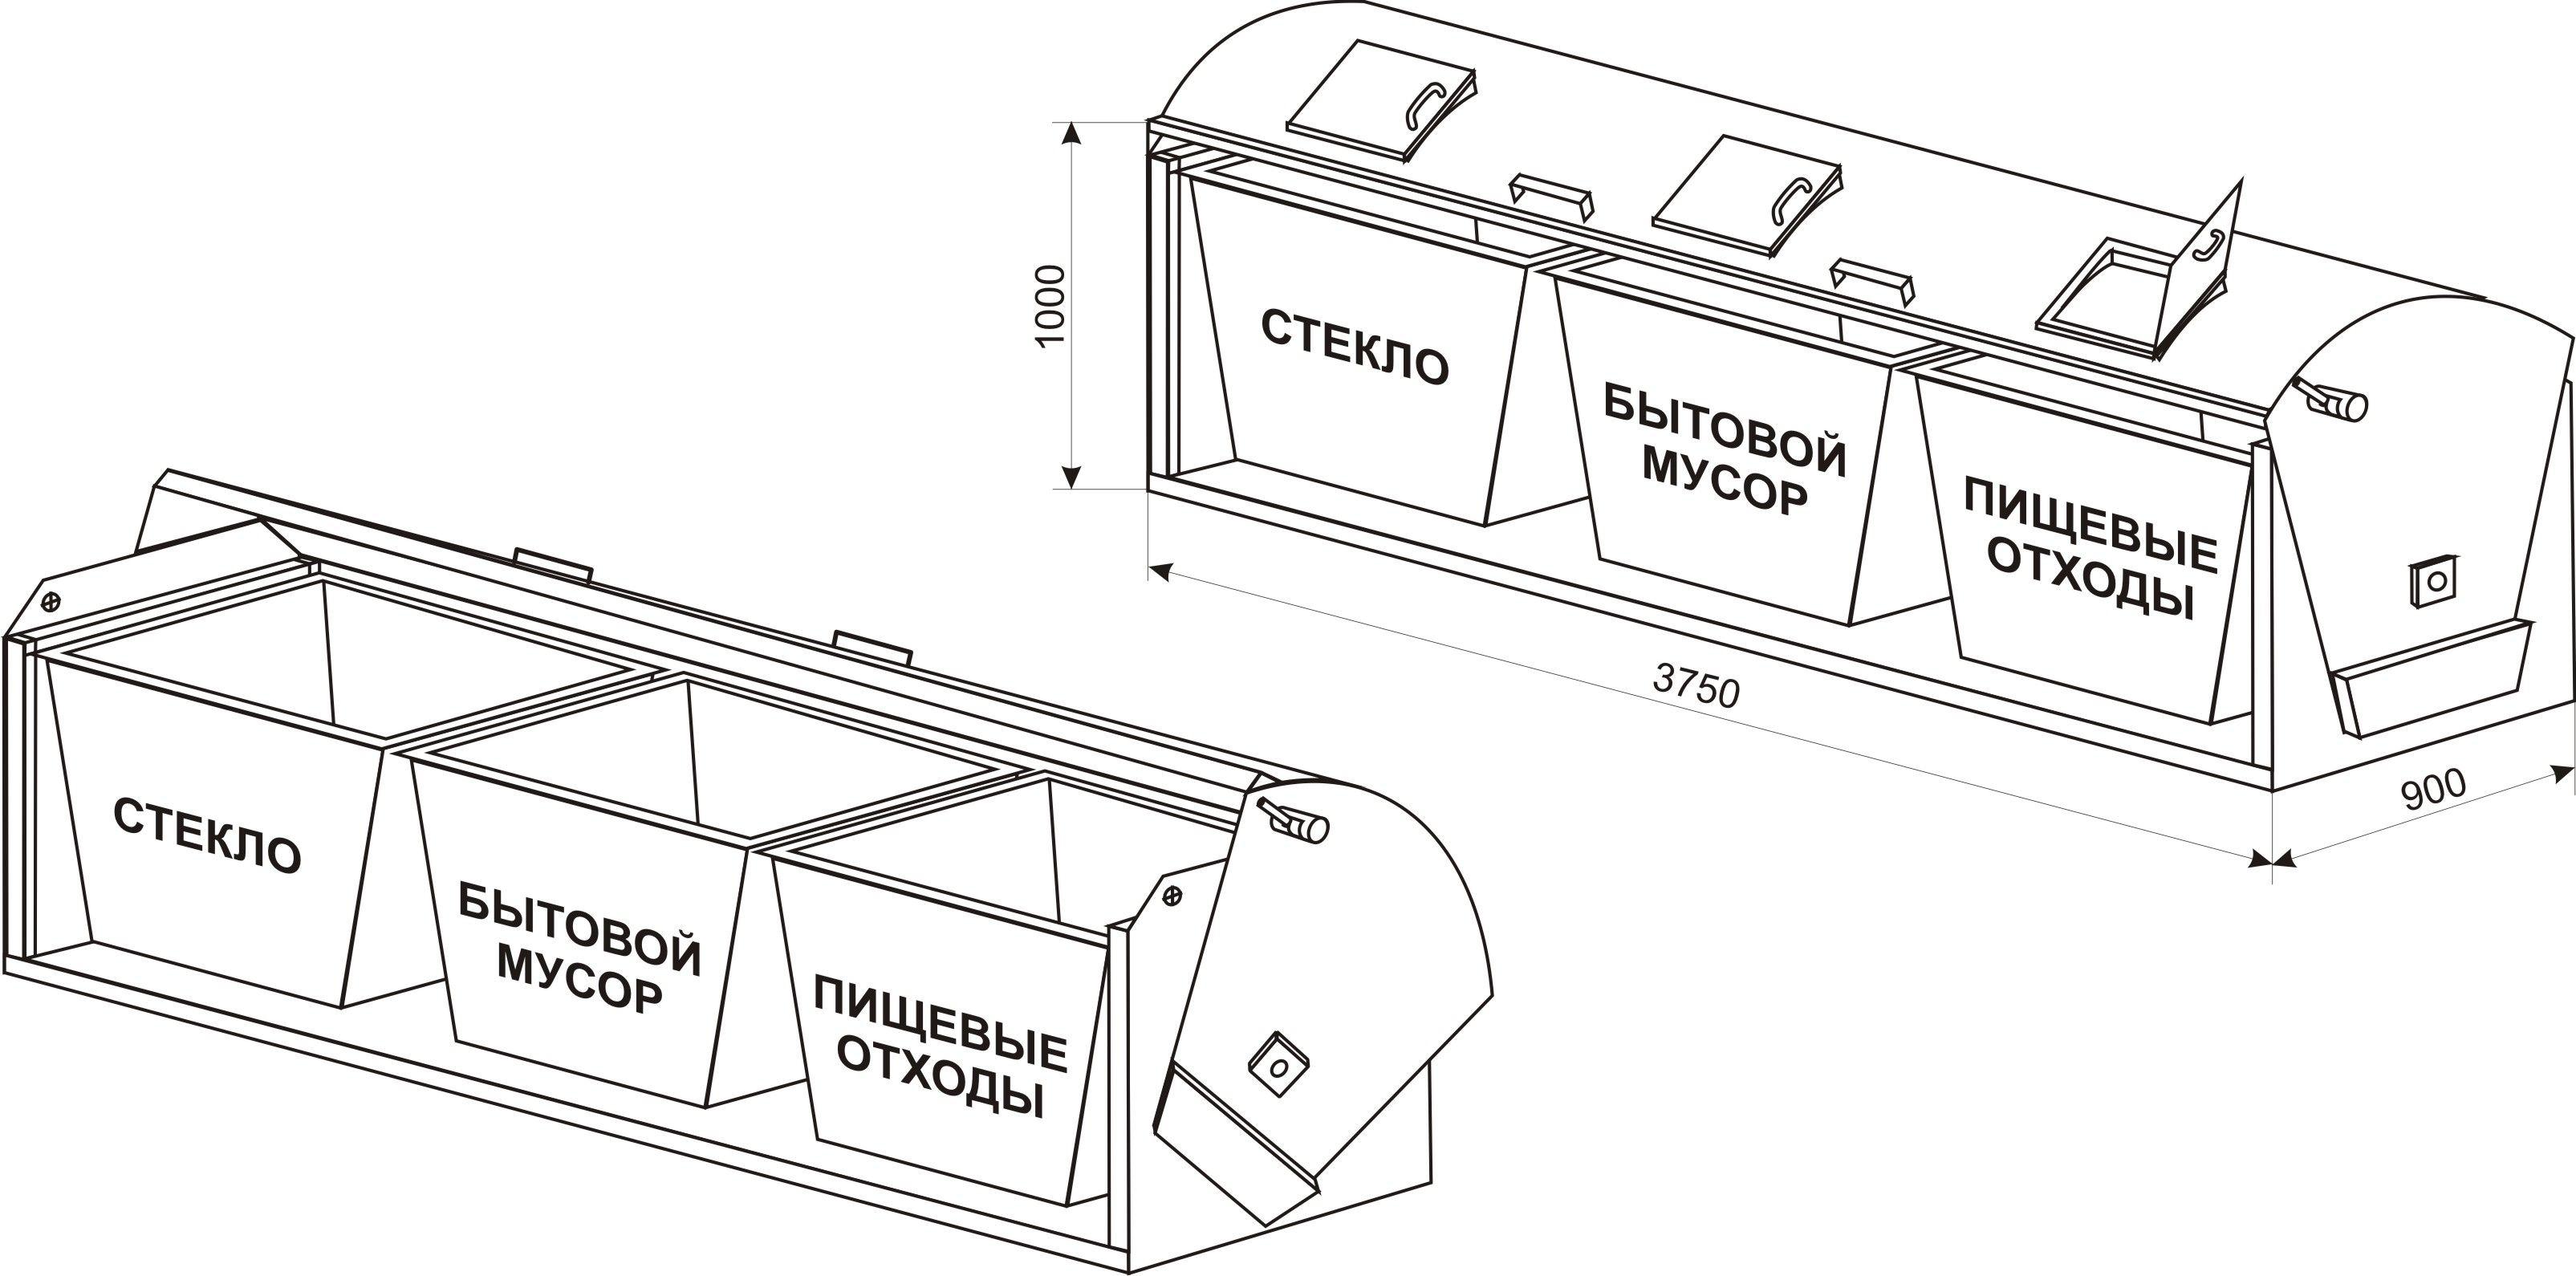 Тип контейнерной площадки для сбора тбо